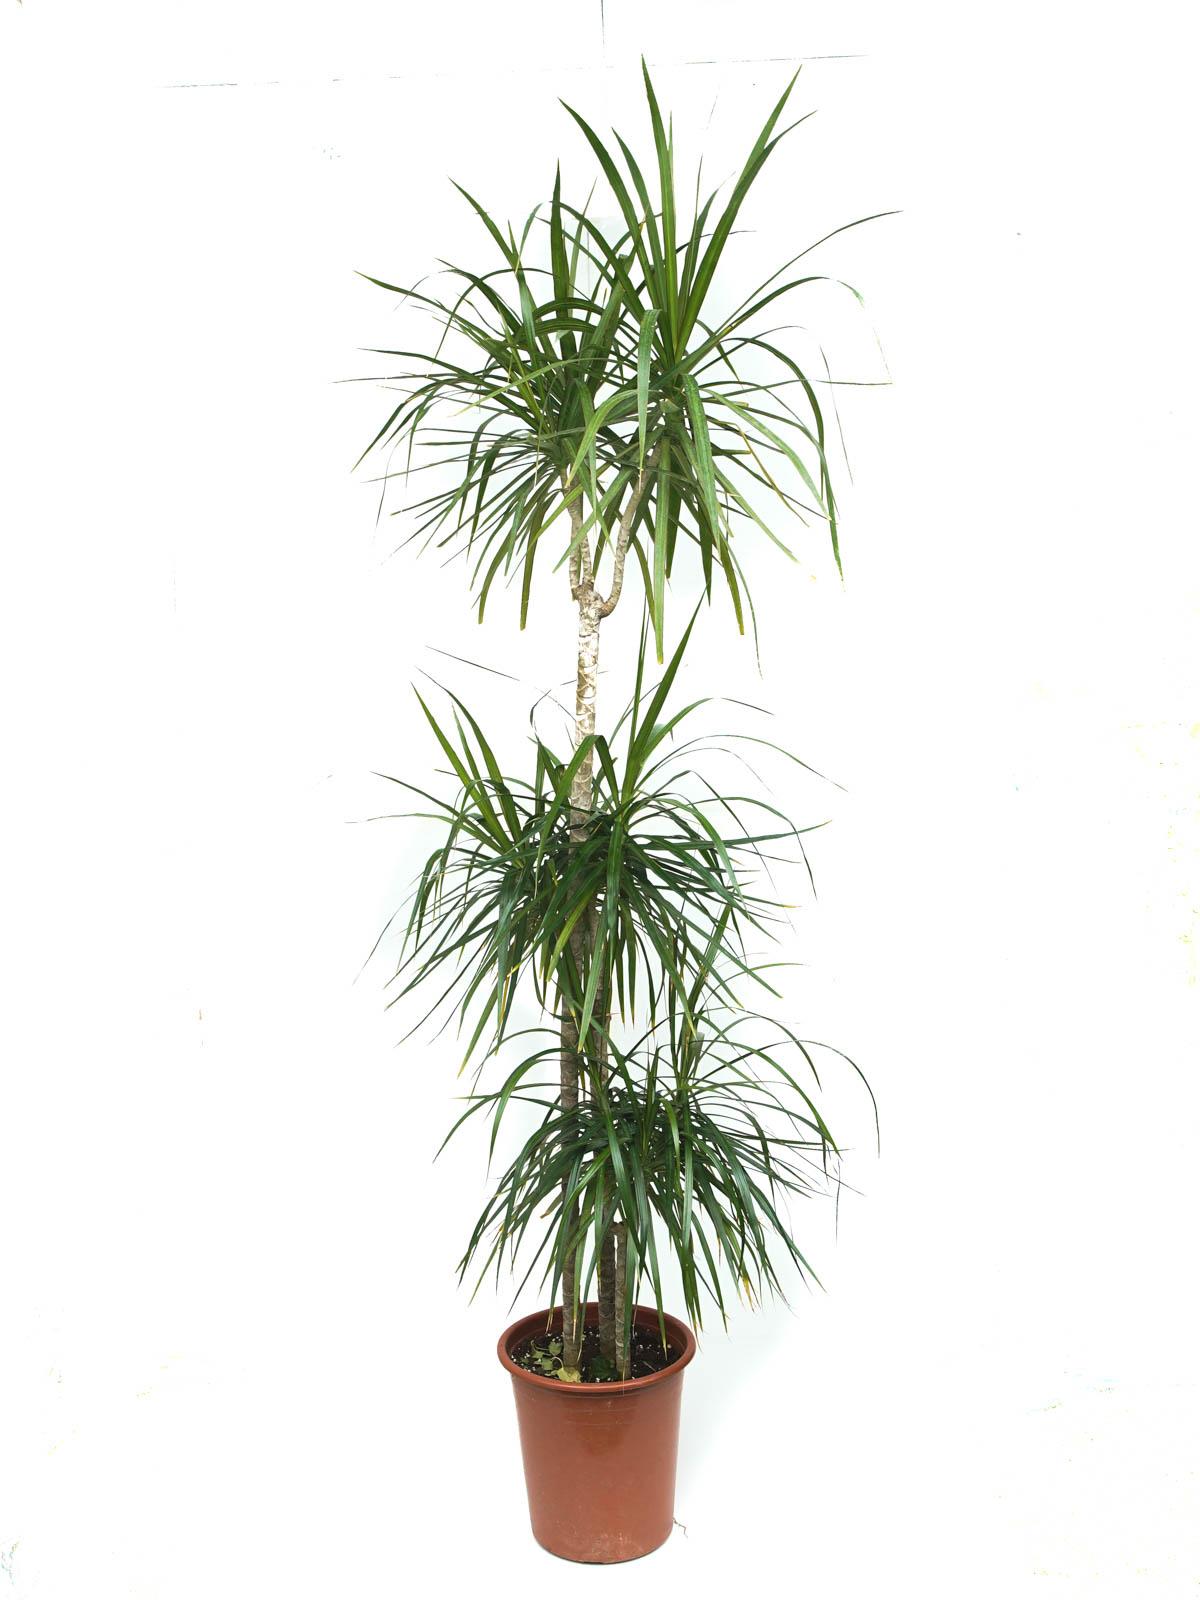 الخيزران مارجيناتا 'نباتات داخلية'